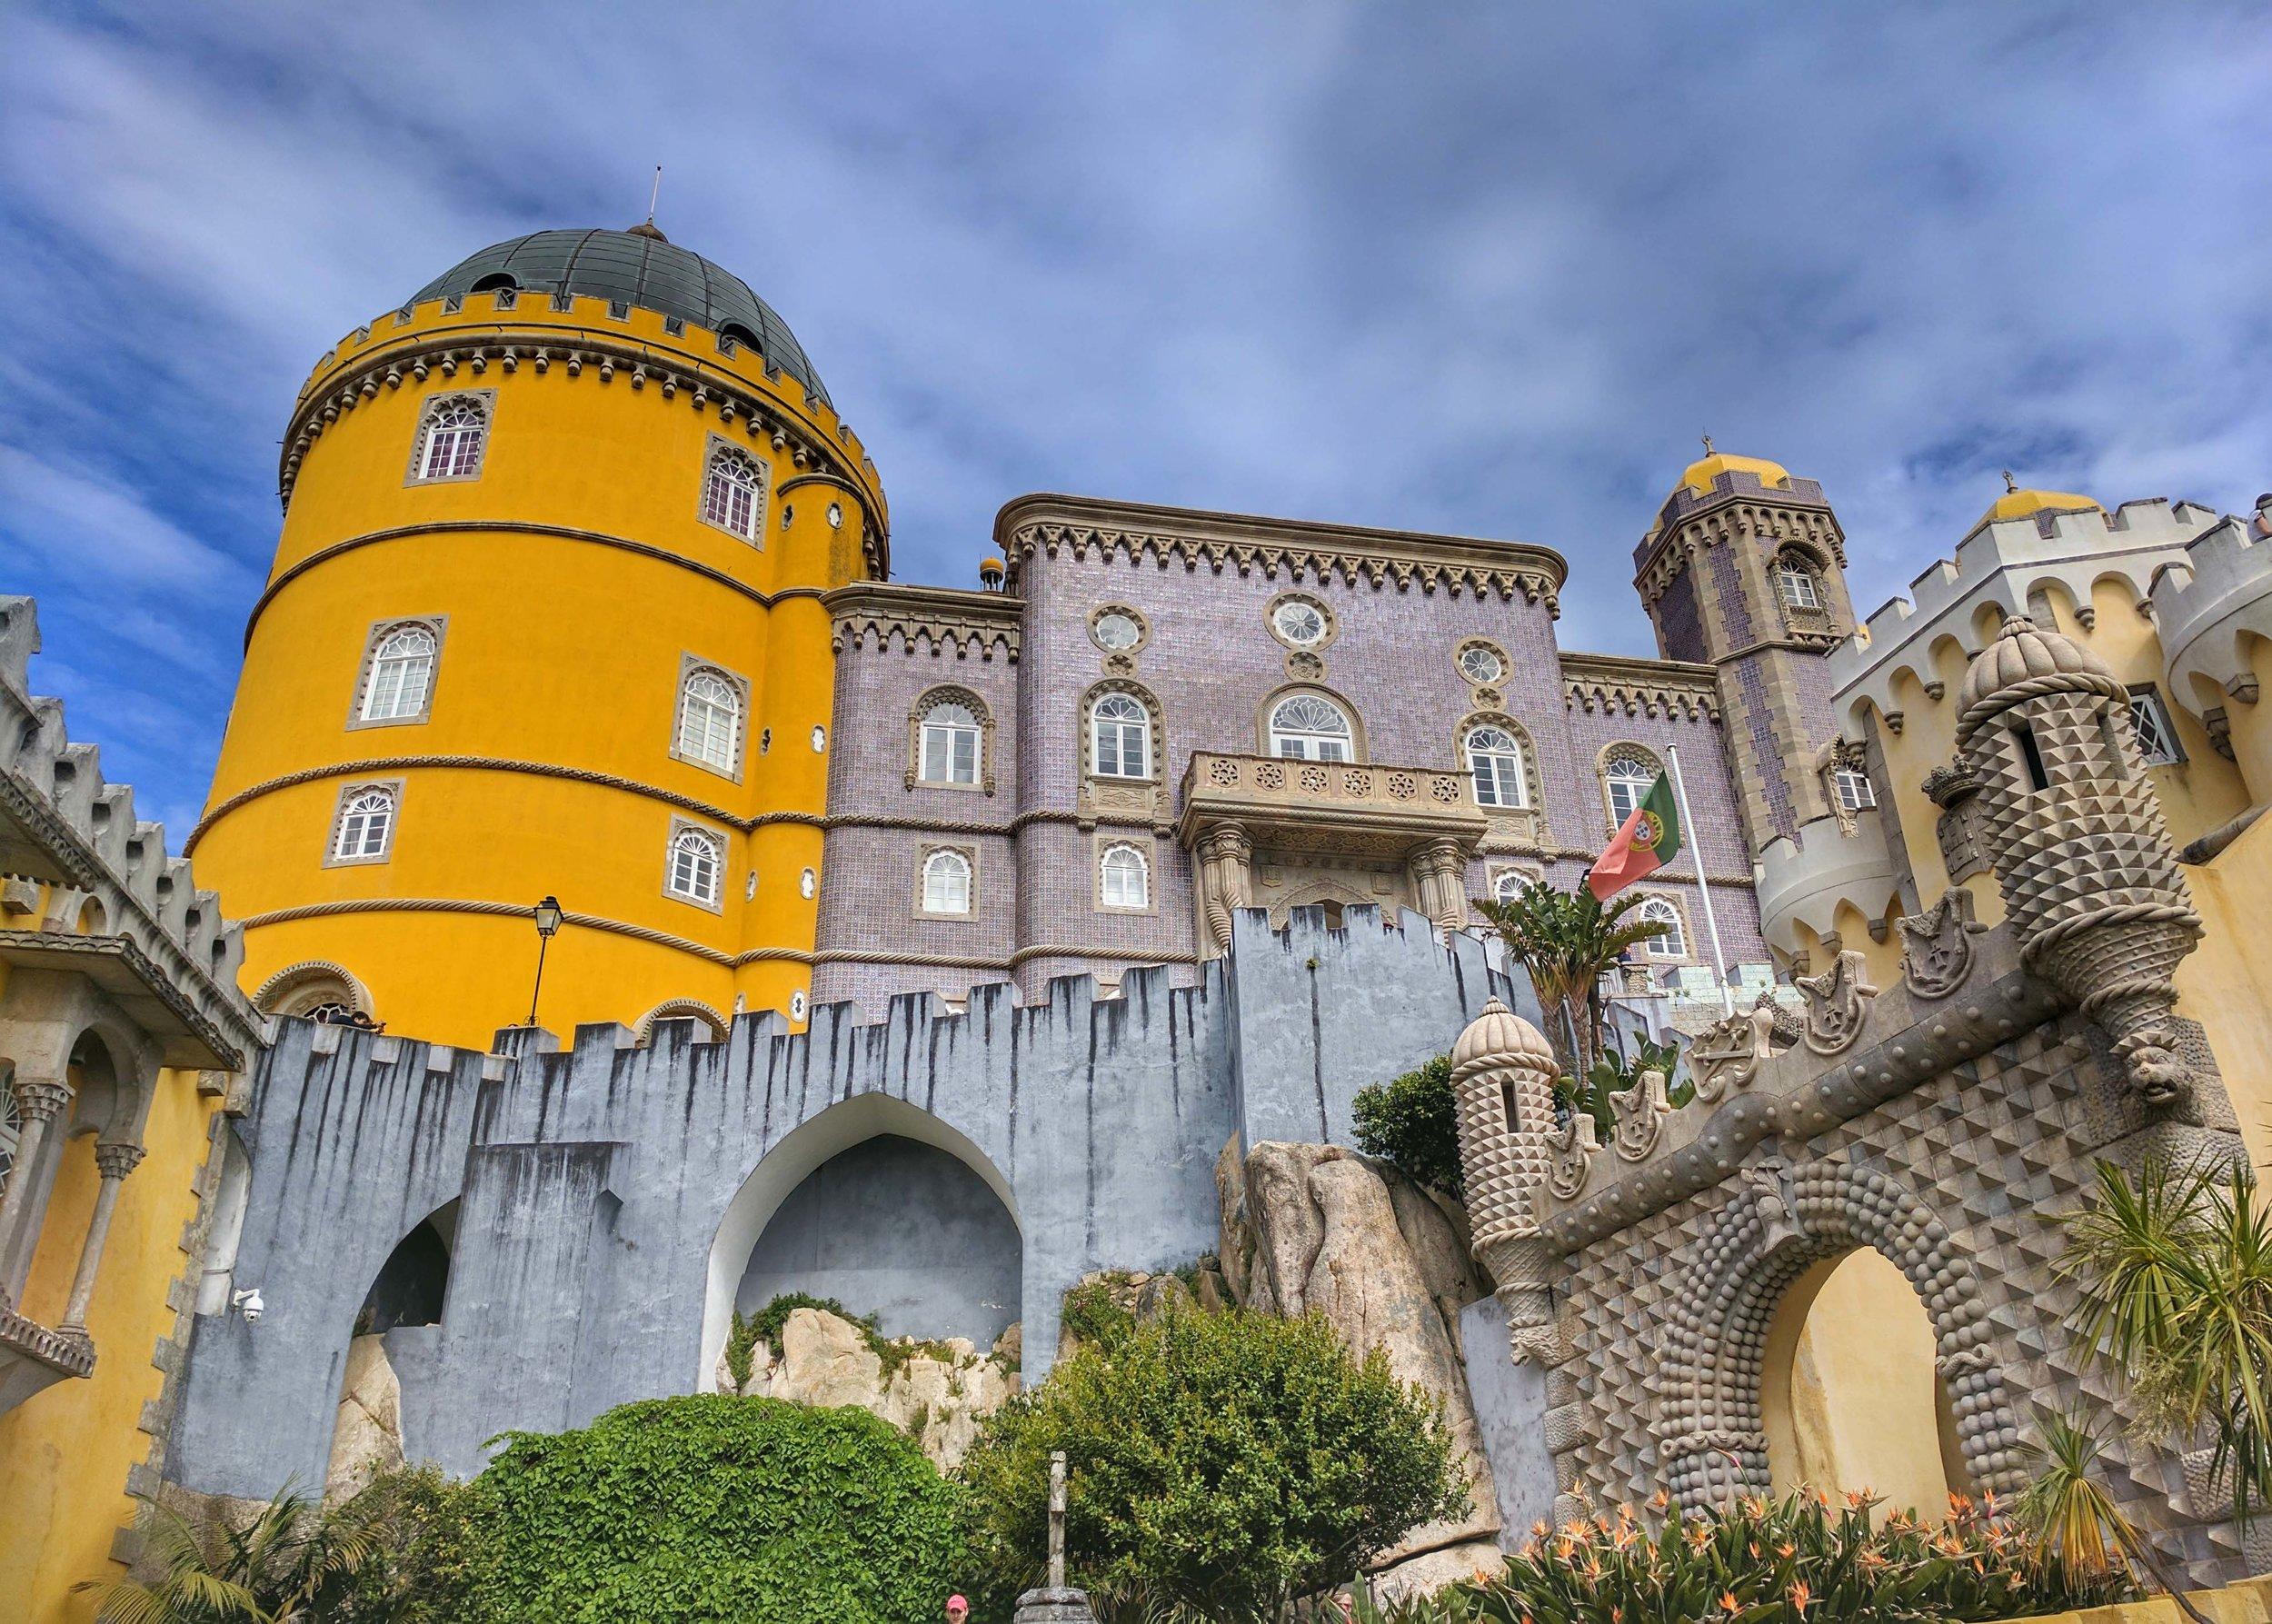 Beautiful exterior of Pena Palace